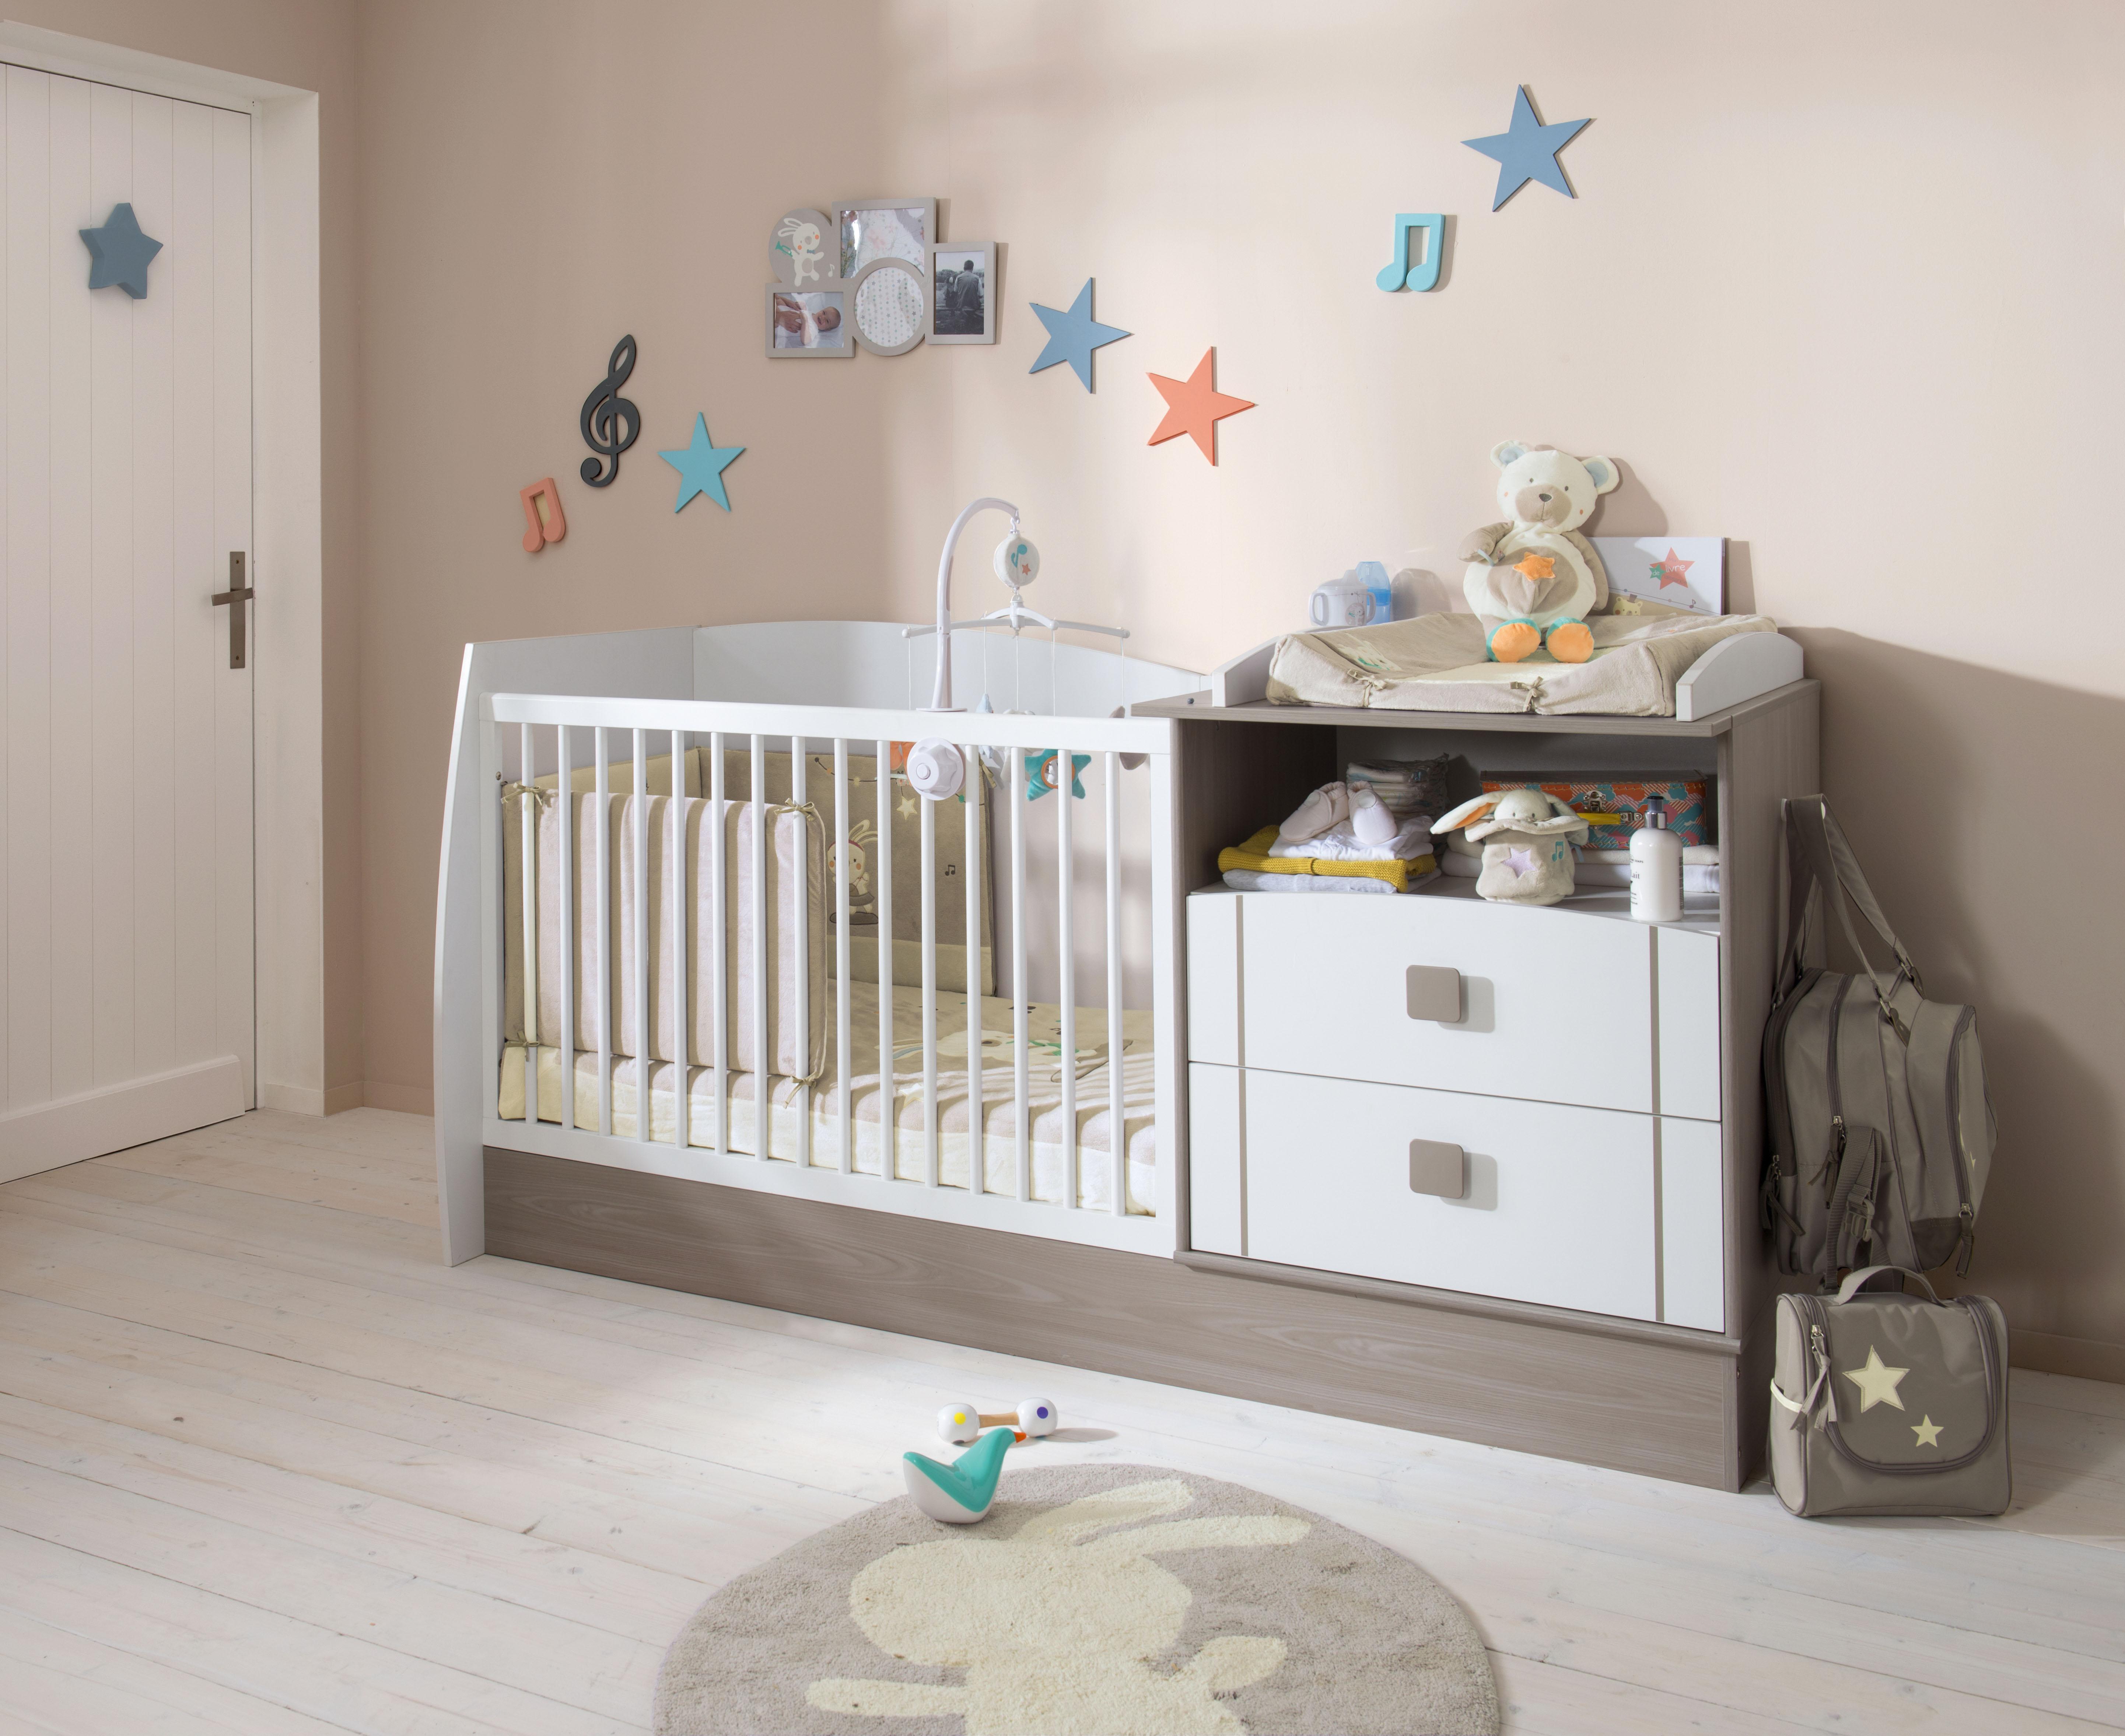 Chambre bebe 9 creation - Famille et bébé